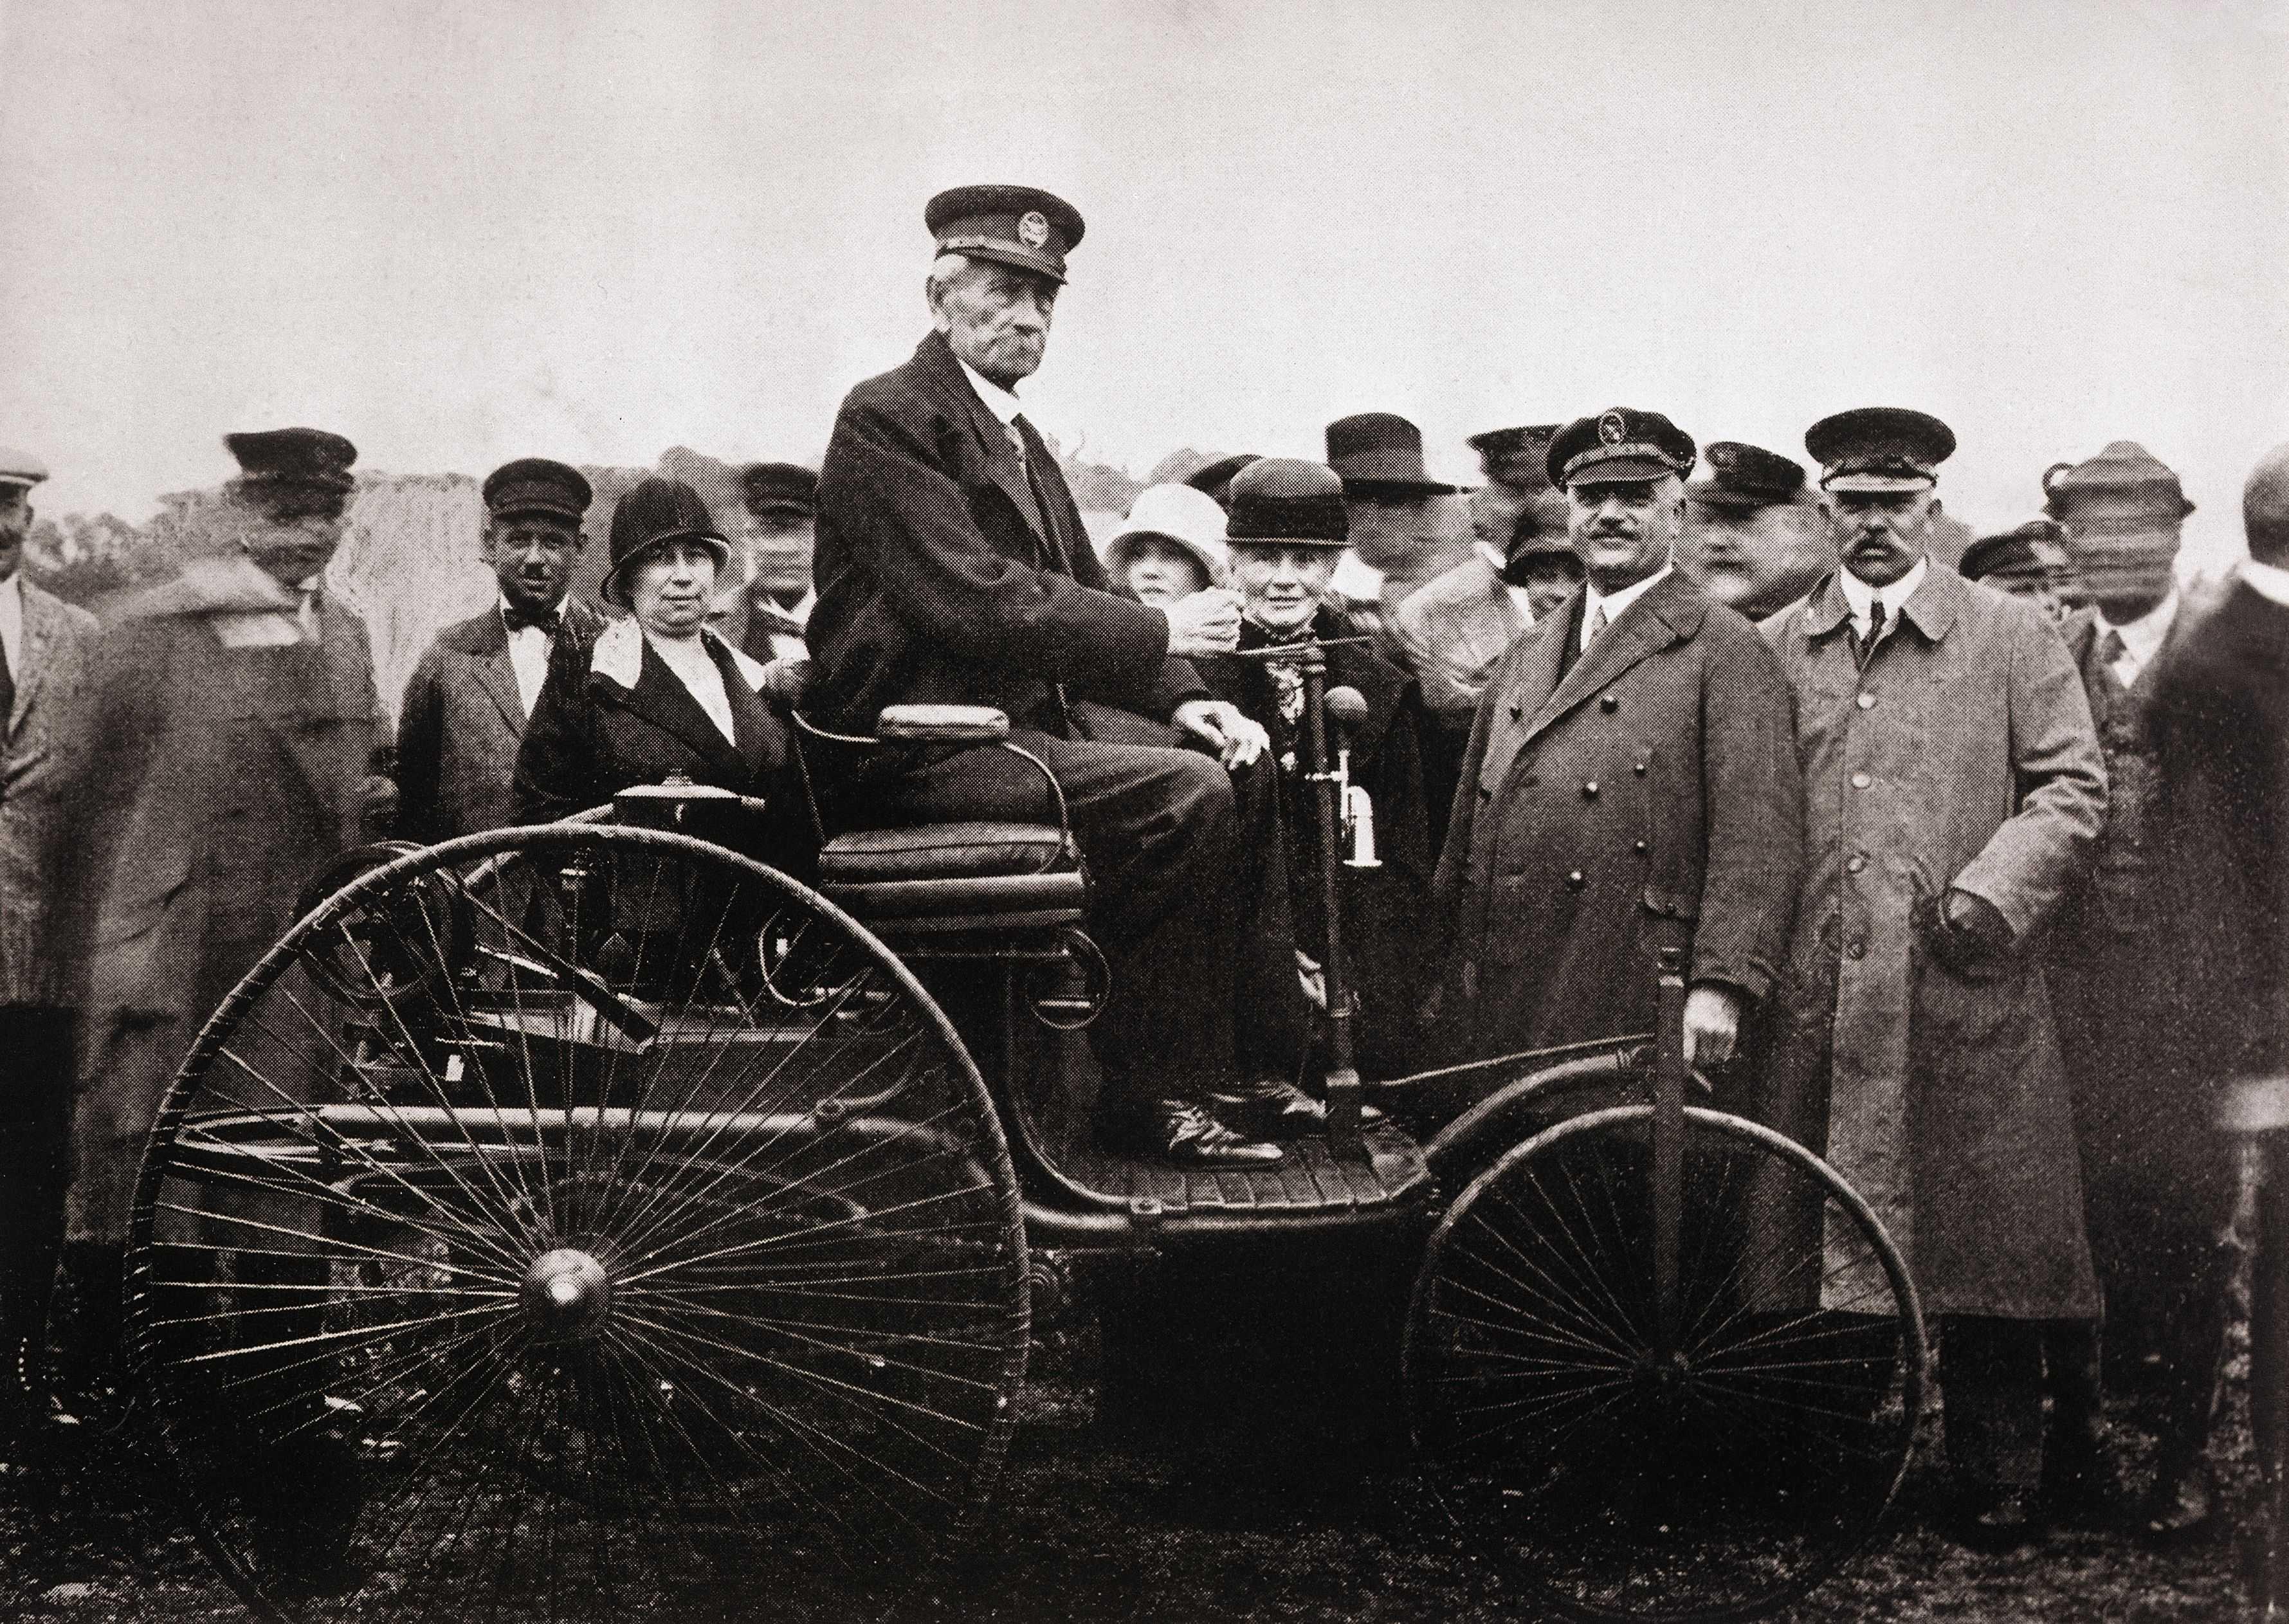 Компания bmw, история бренда и автомобилей, факты о концерне